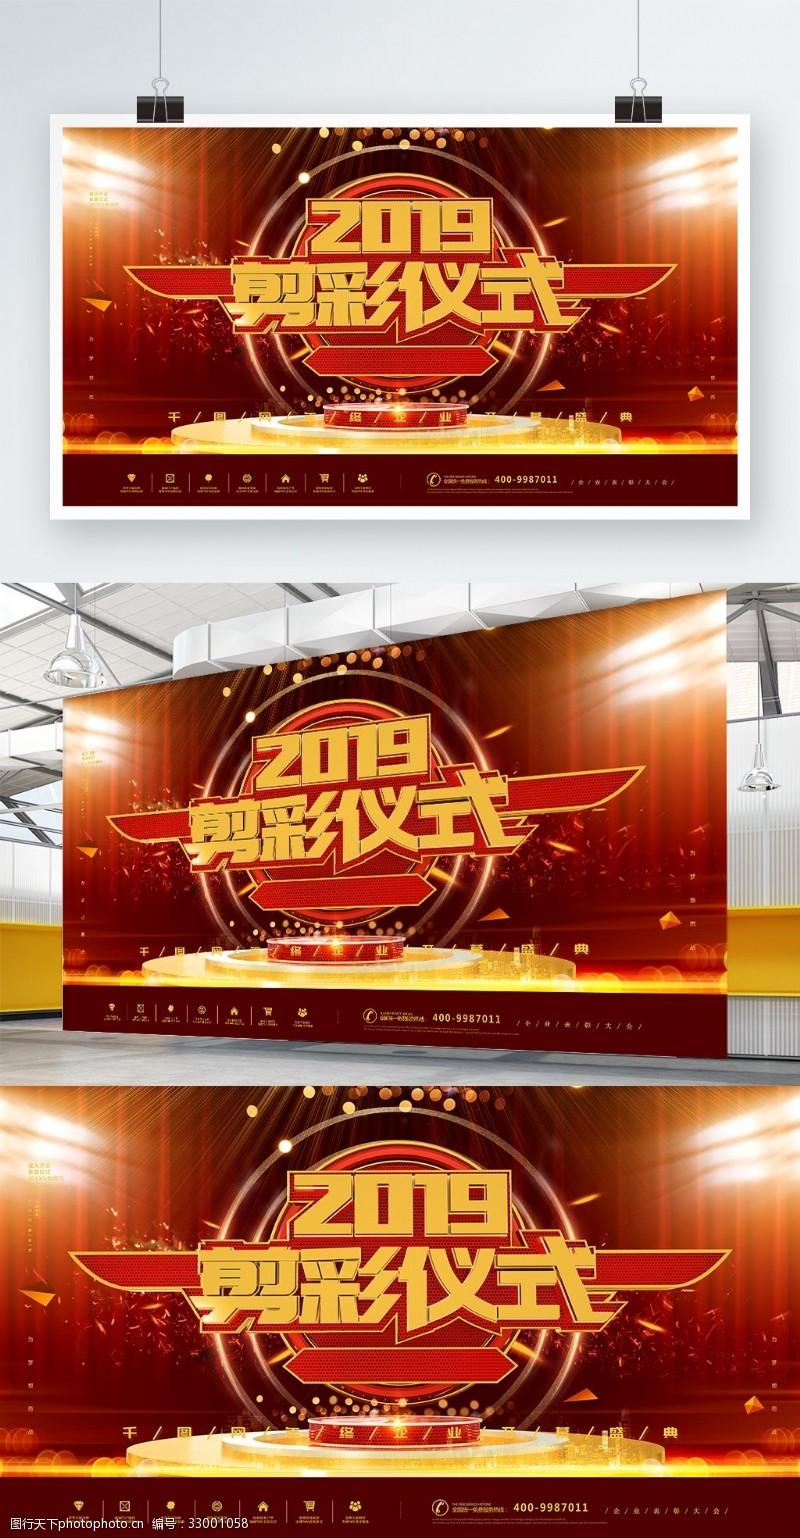 开业盛会红色2019剪彩仪式企业开幕典礼